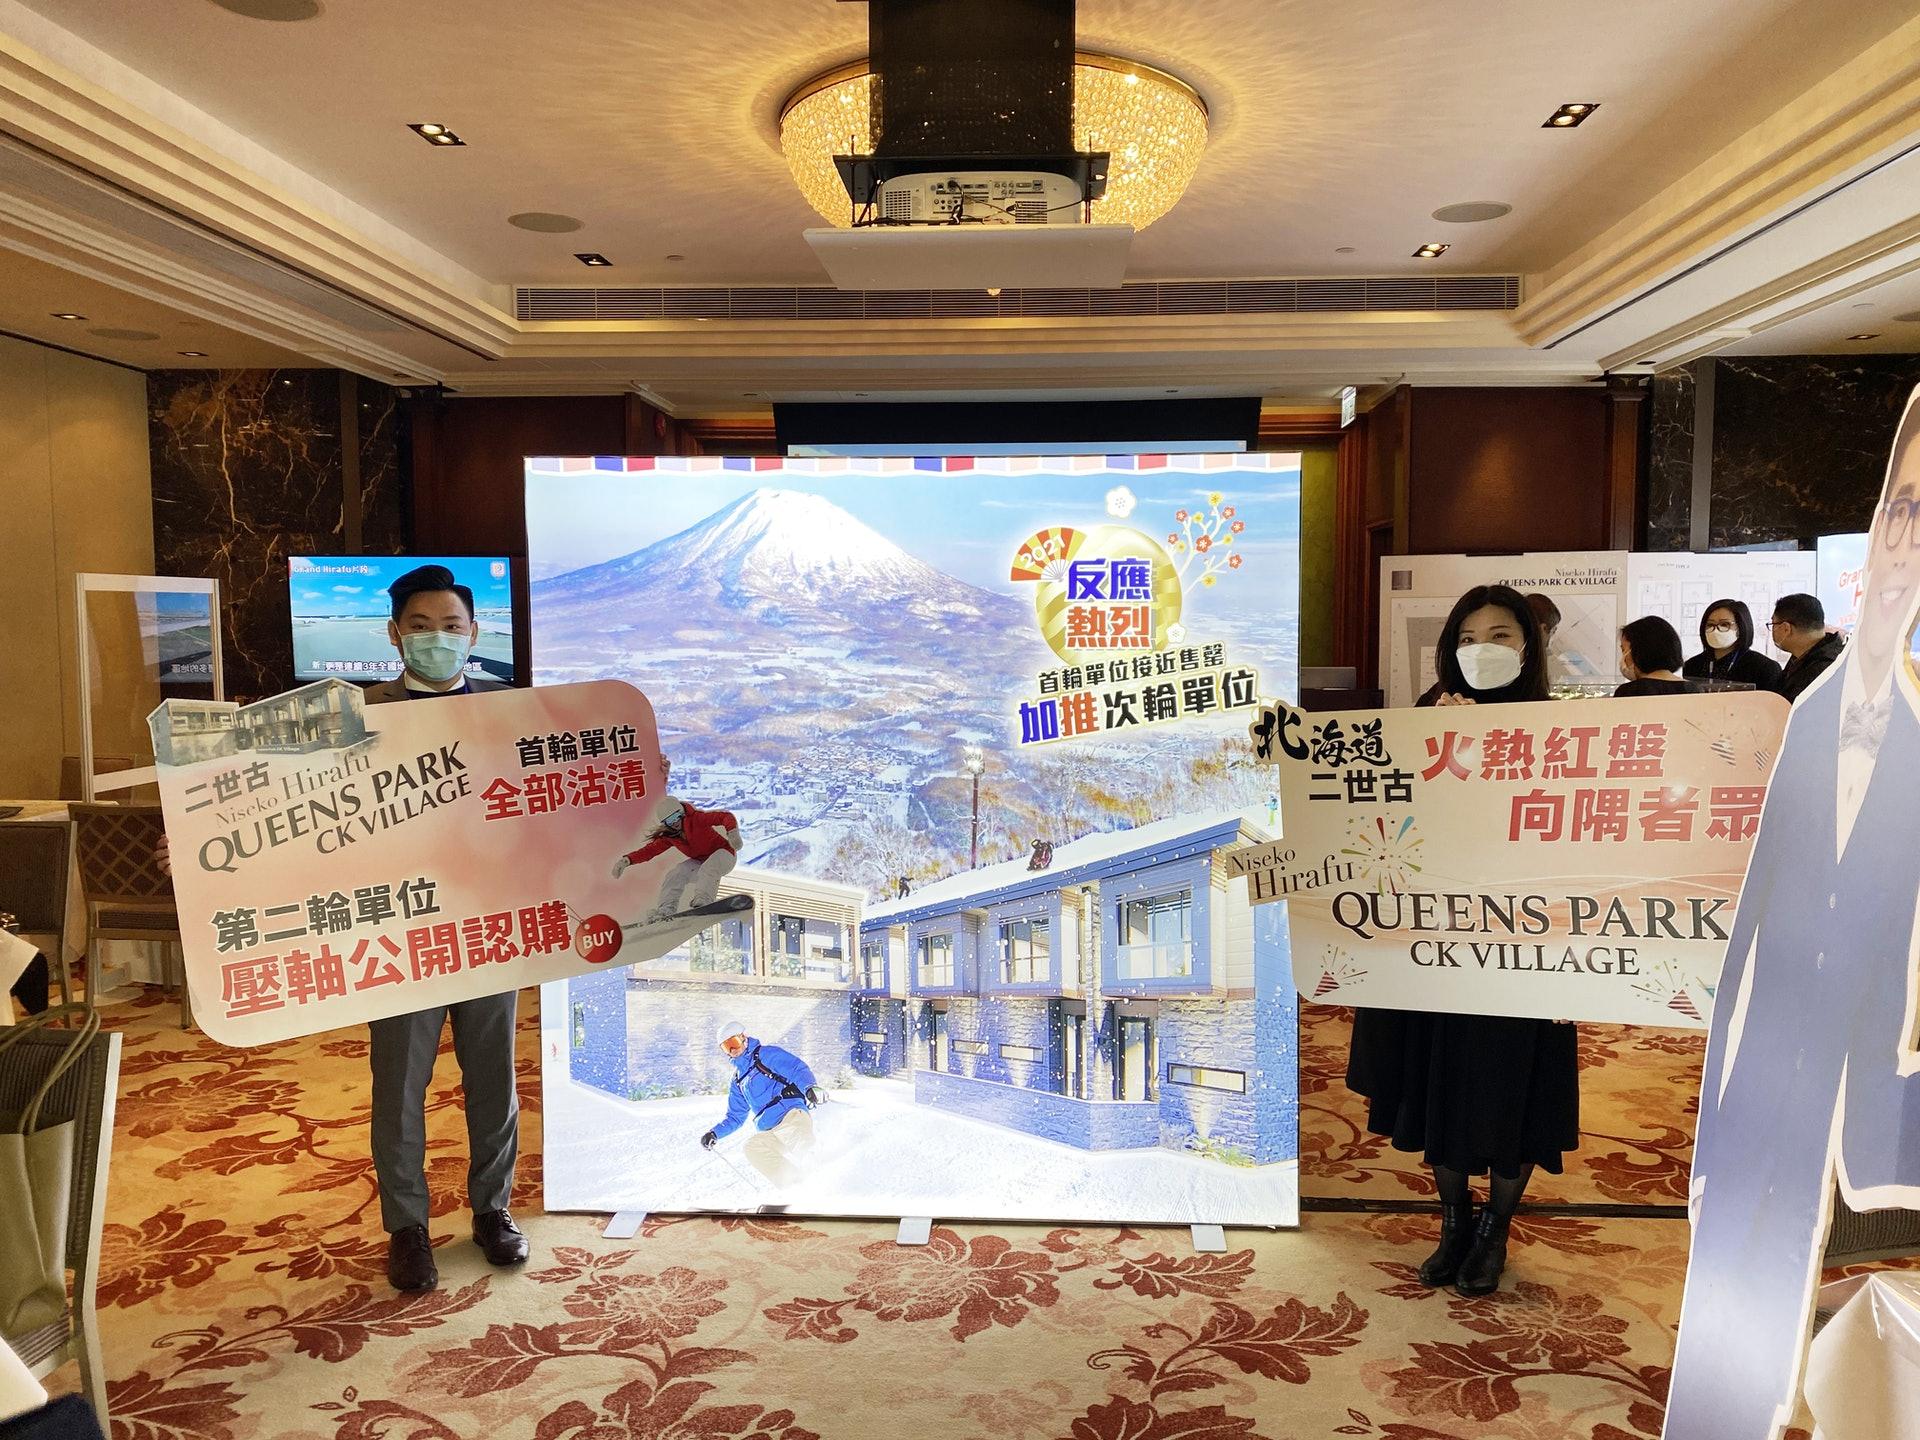 北海道黃金地段開賣 展銷加推次輪單位反應依然熱烈